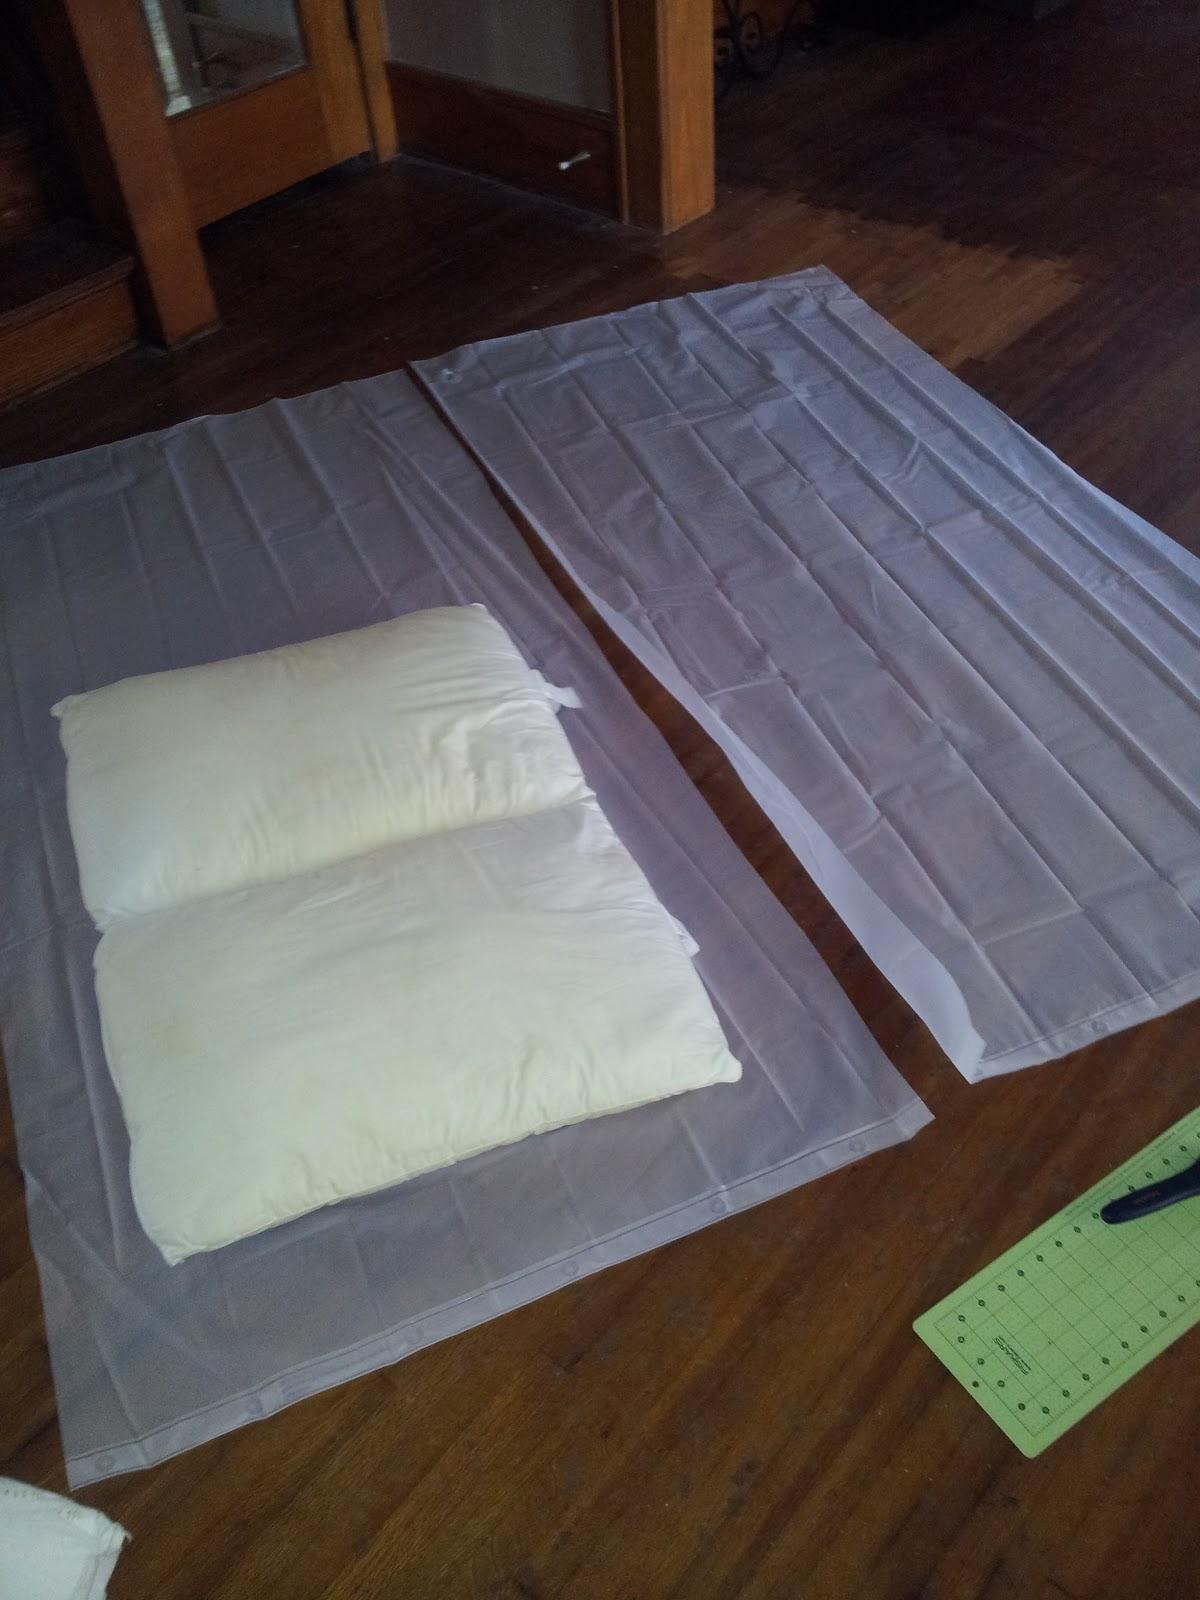 emerald city manly dog bed. Black Bedroom Furniture Sets. Home Design Ideas